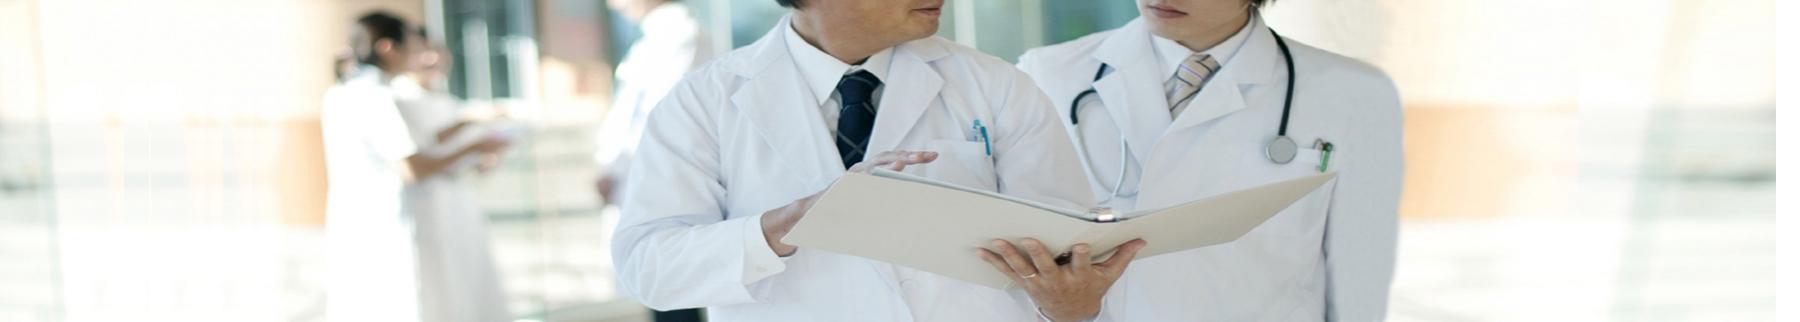 Khám y tế trực tiếp hoặc qua điện thoại